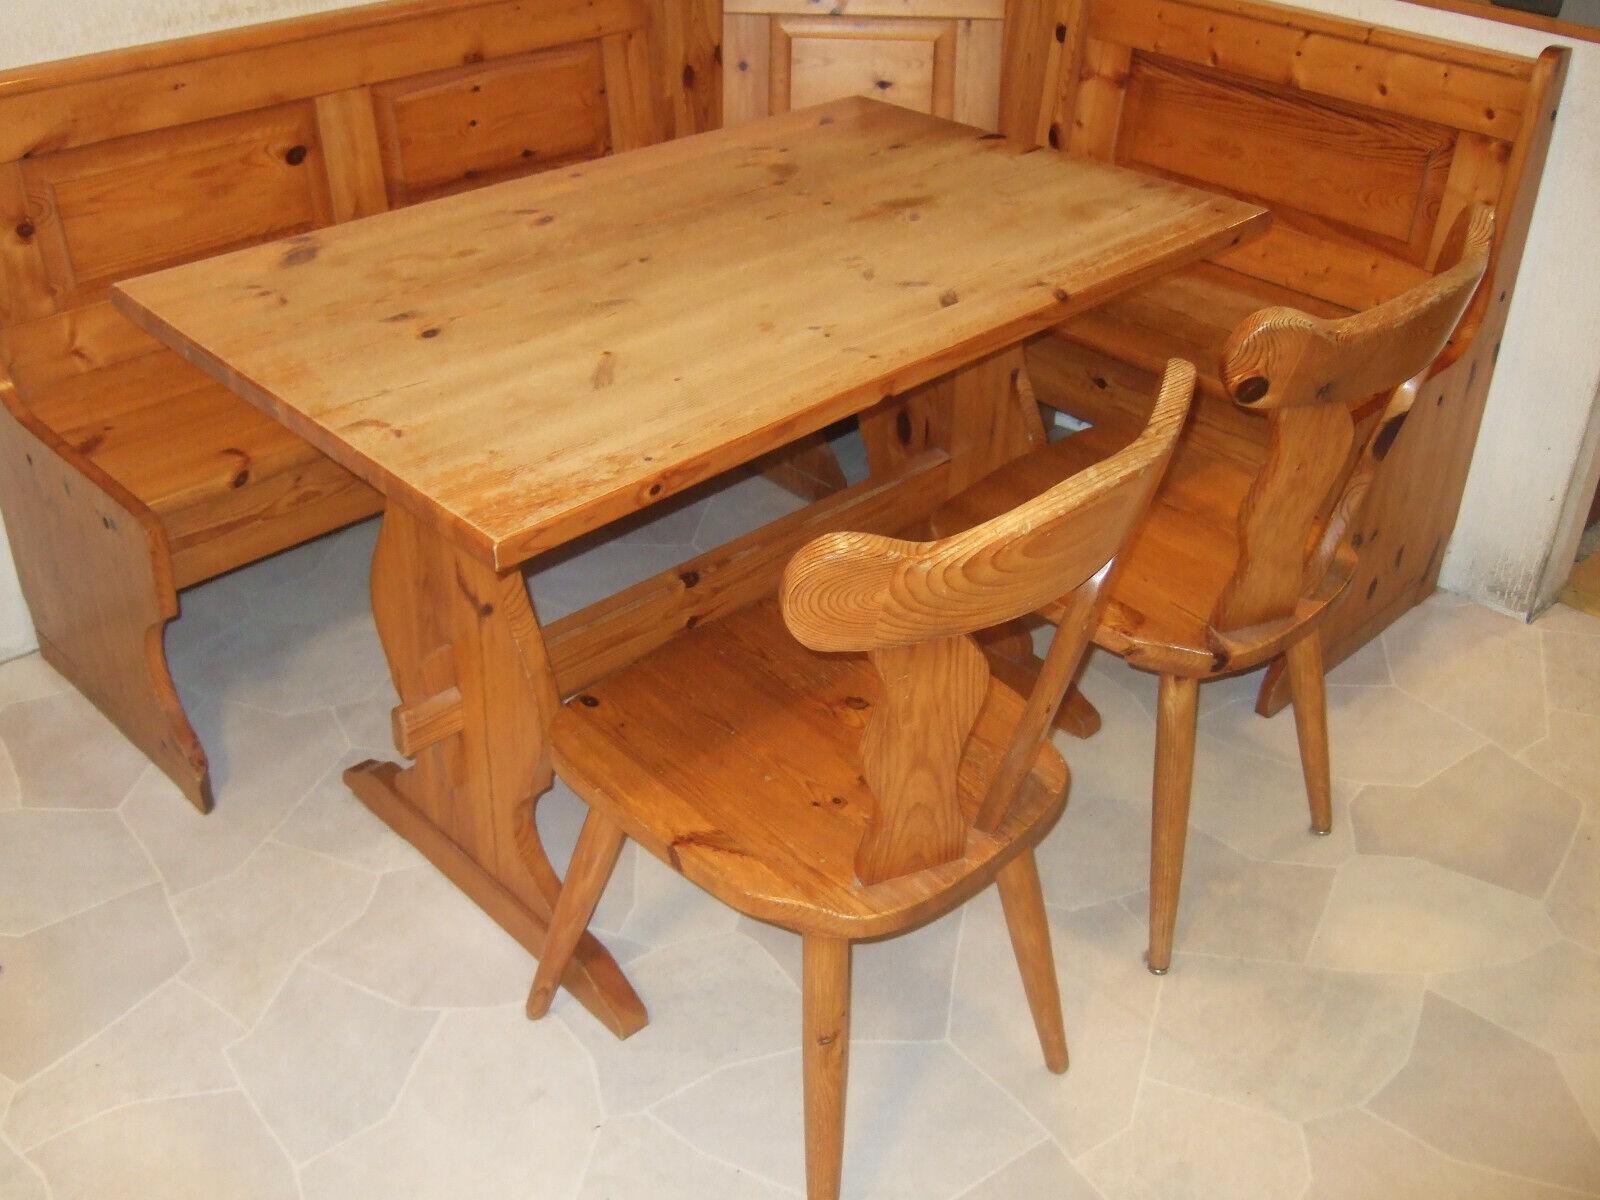 Eckbankgruppe / Truheneckbank mit Tisch und zwei Stühlen aus Massivholz